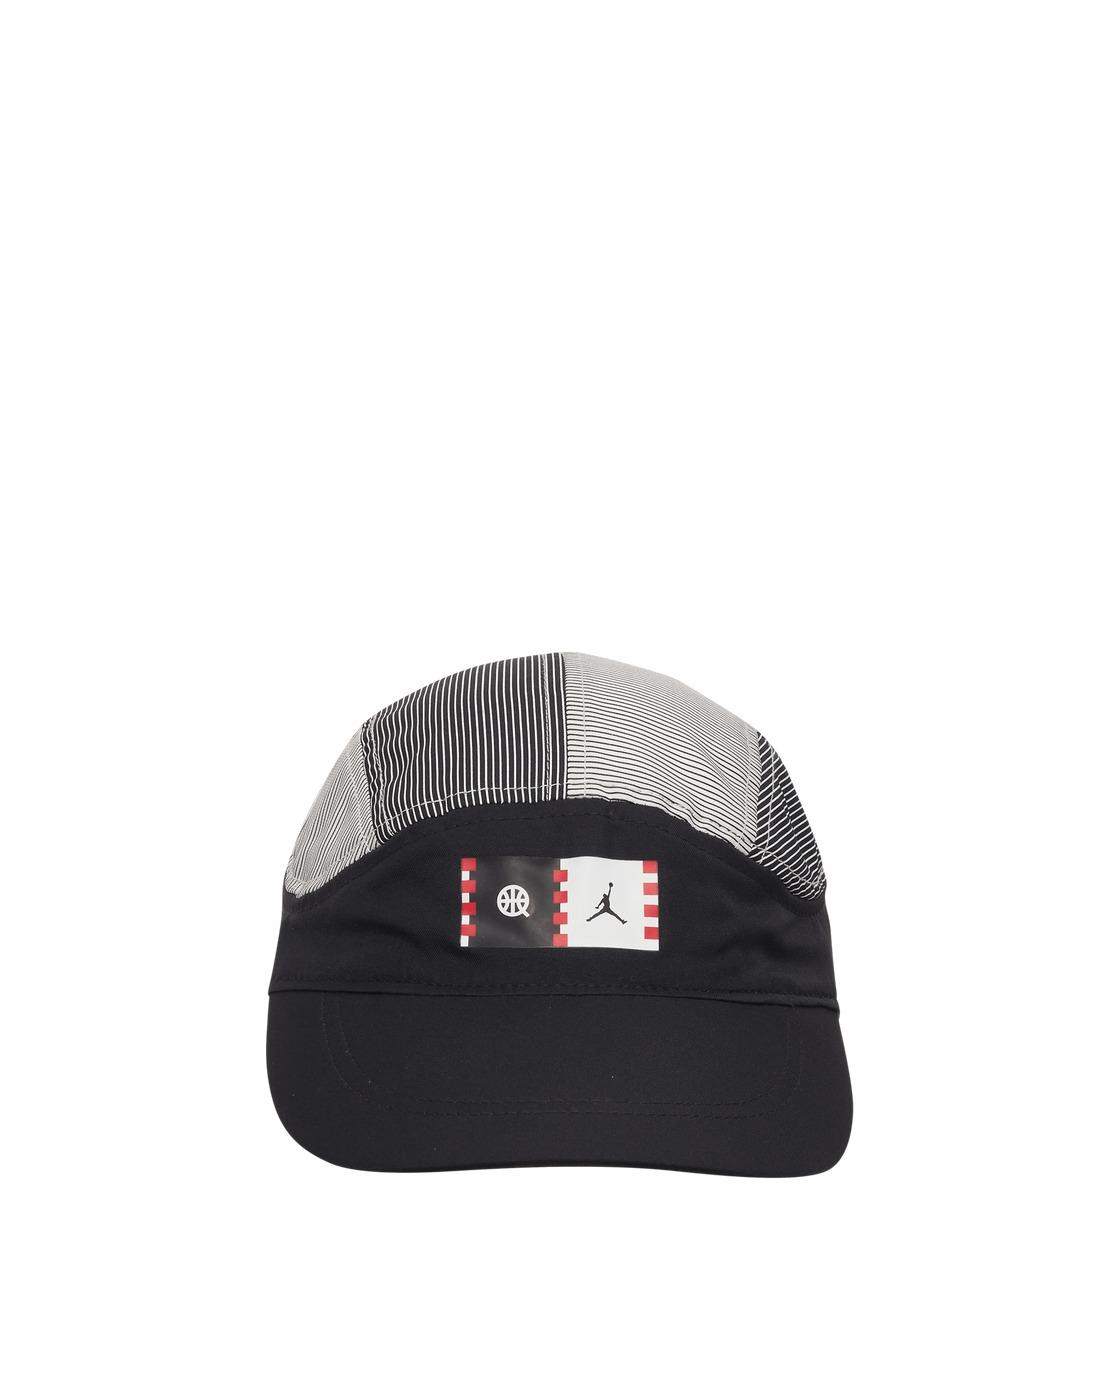 Nike Jordan Quai 54 Tailwind Cap Black/White/Black